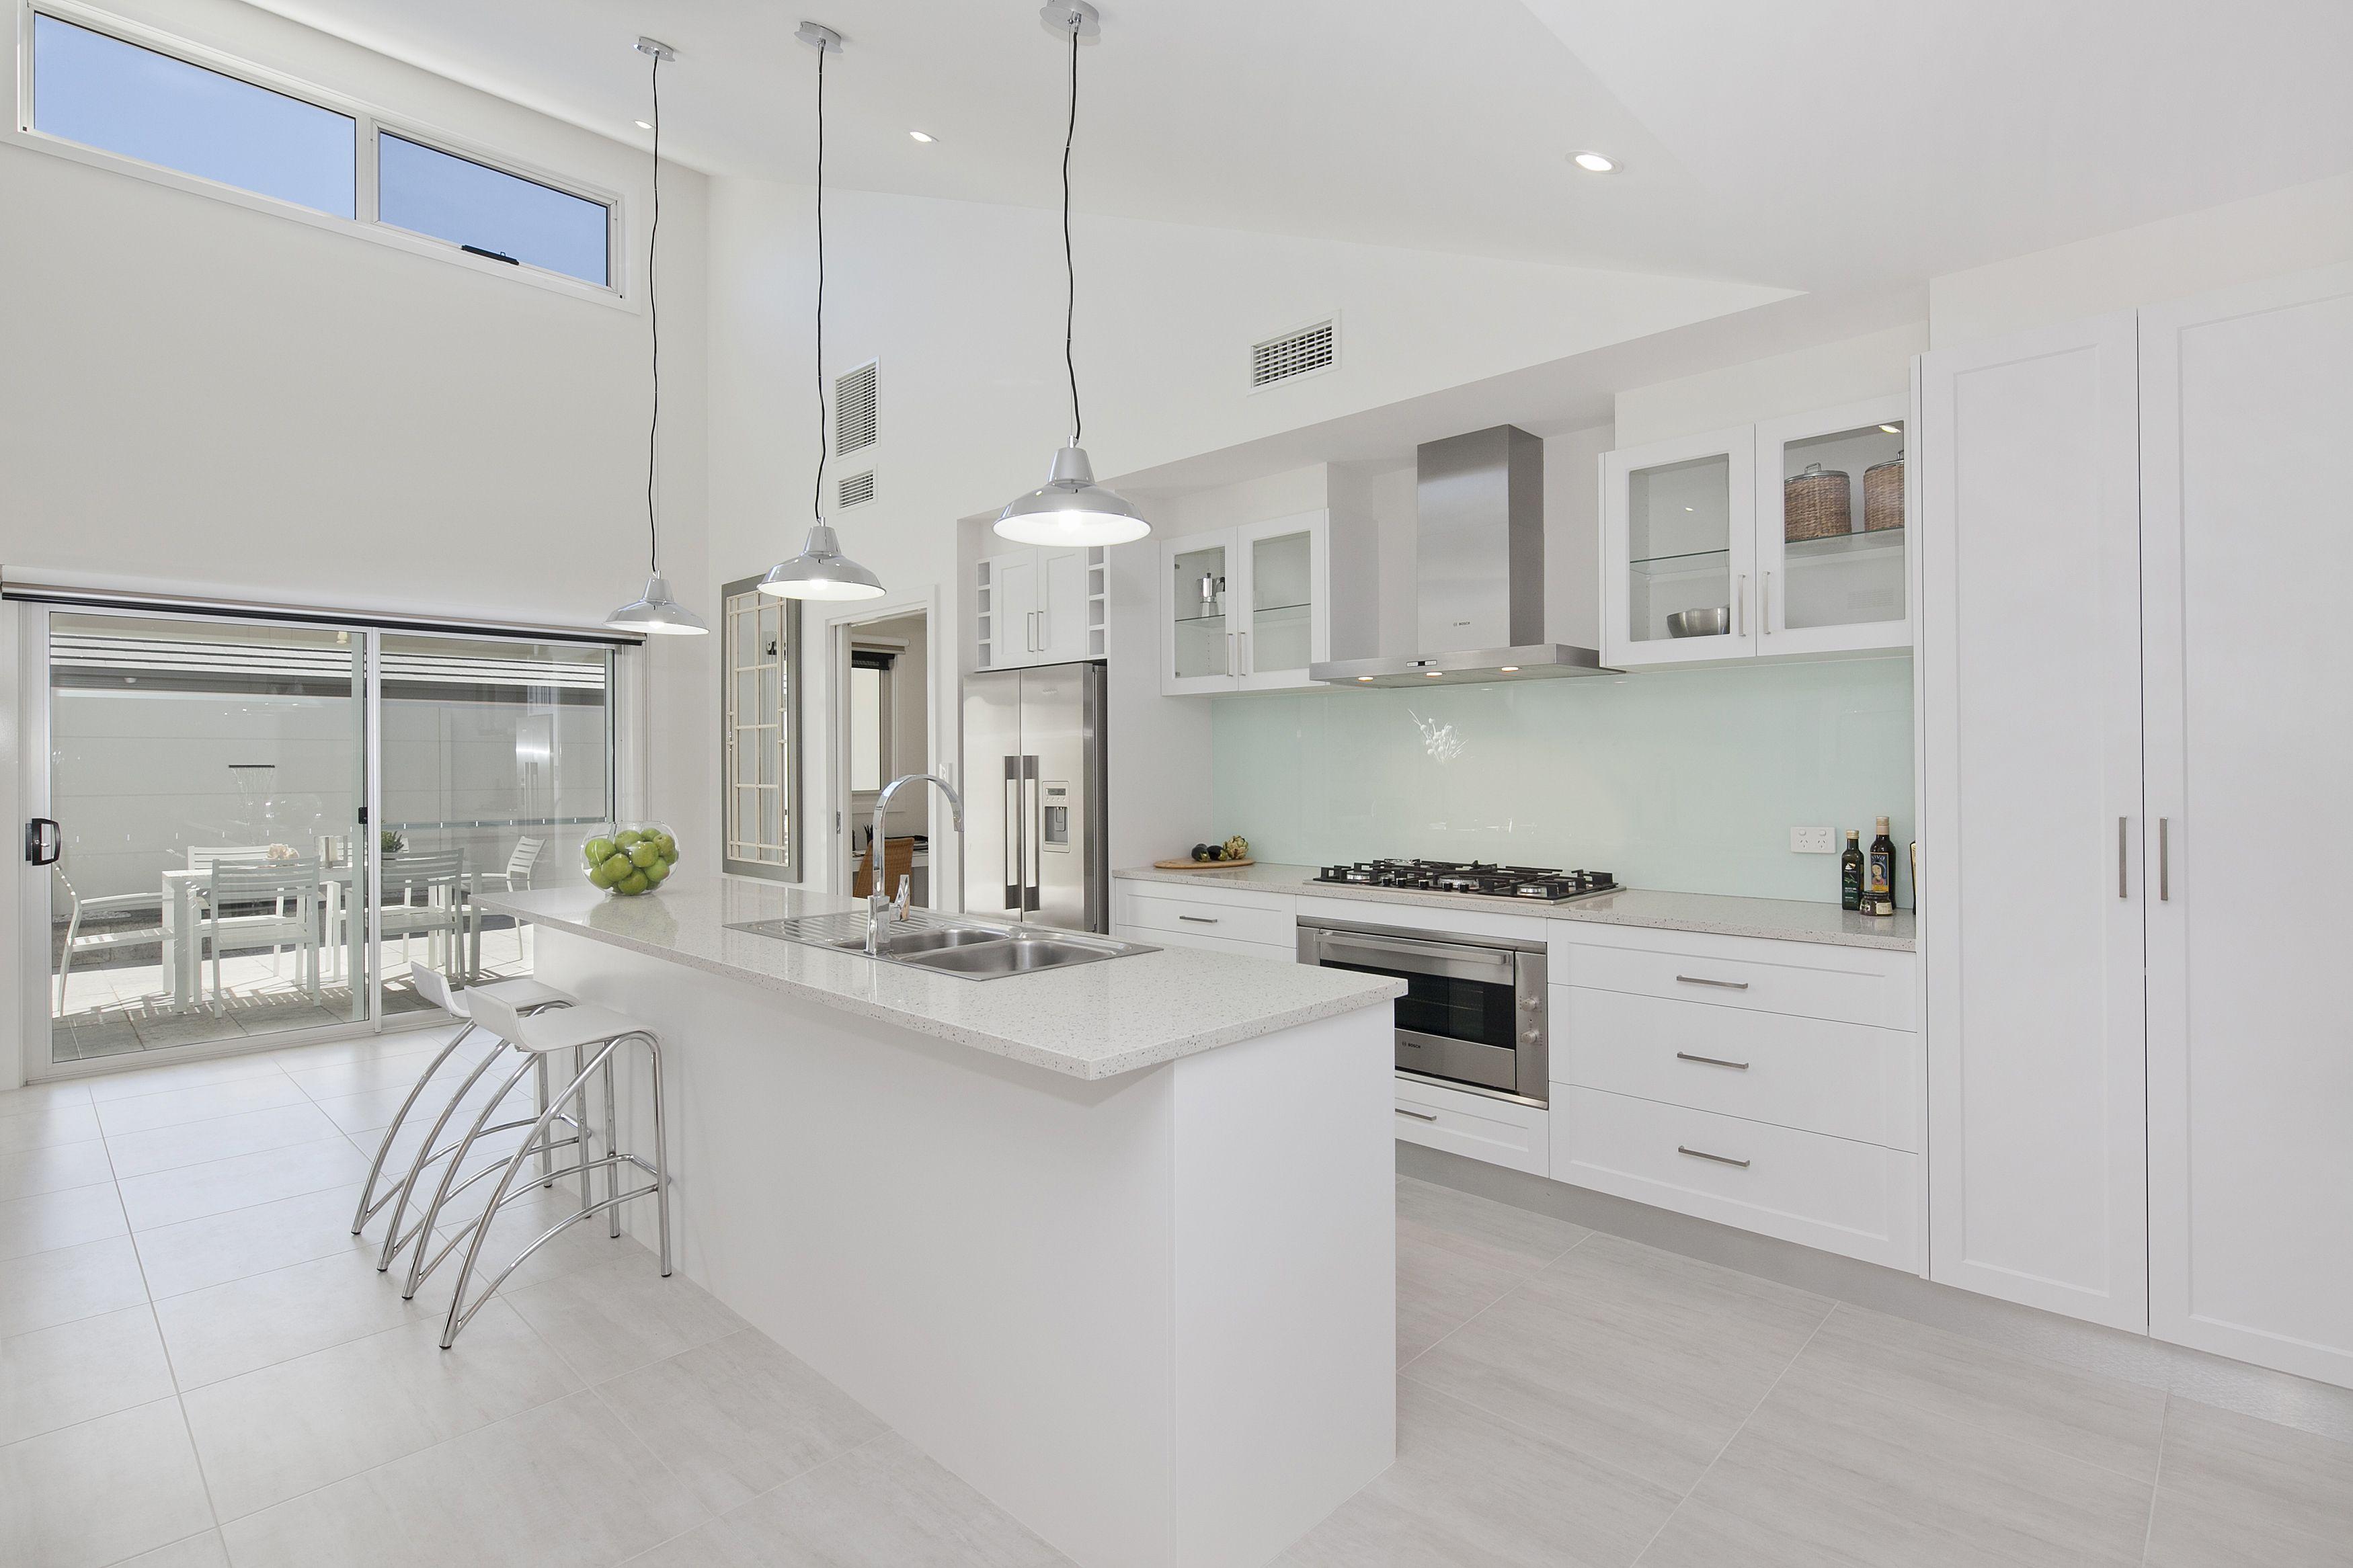 Raked Ceiling Kitchen Google Search Interior Design Kitchen Kitchen Wash Floors